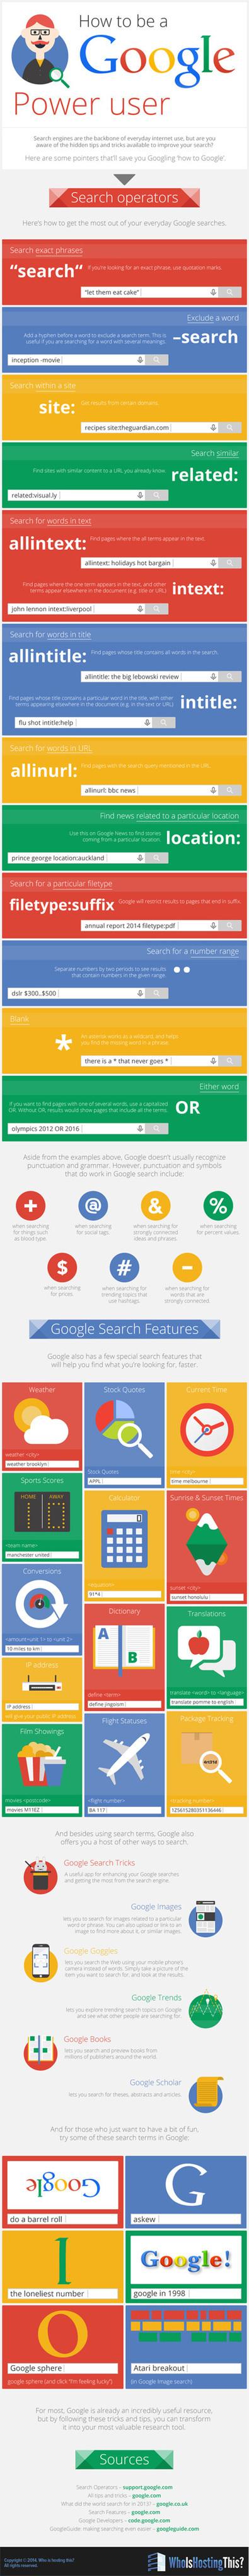 Google: Cómo ser más eficaz en tus búsquedas en Google | Desarrollo de Apps, Softwares & Gadgets: | Scoop.it